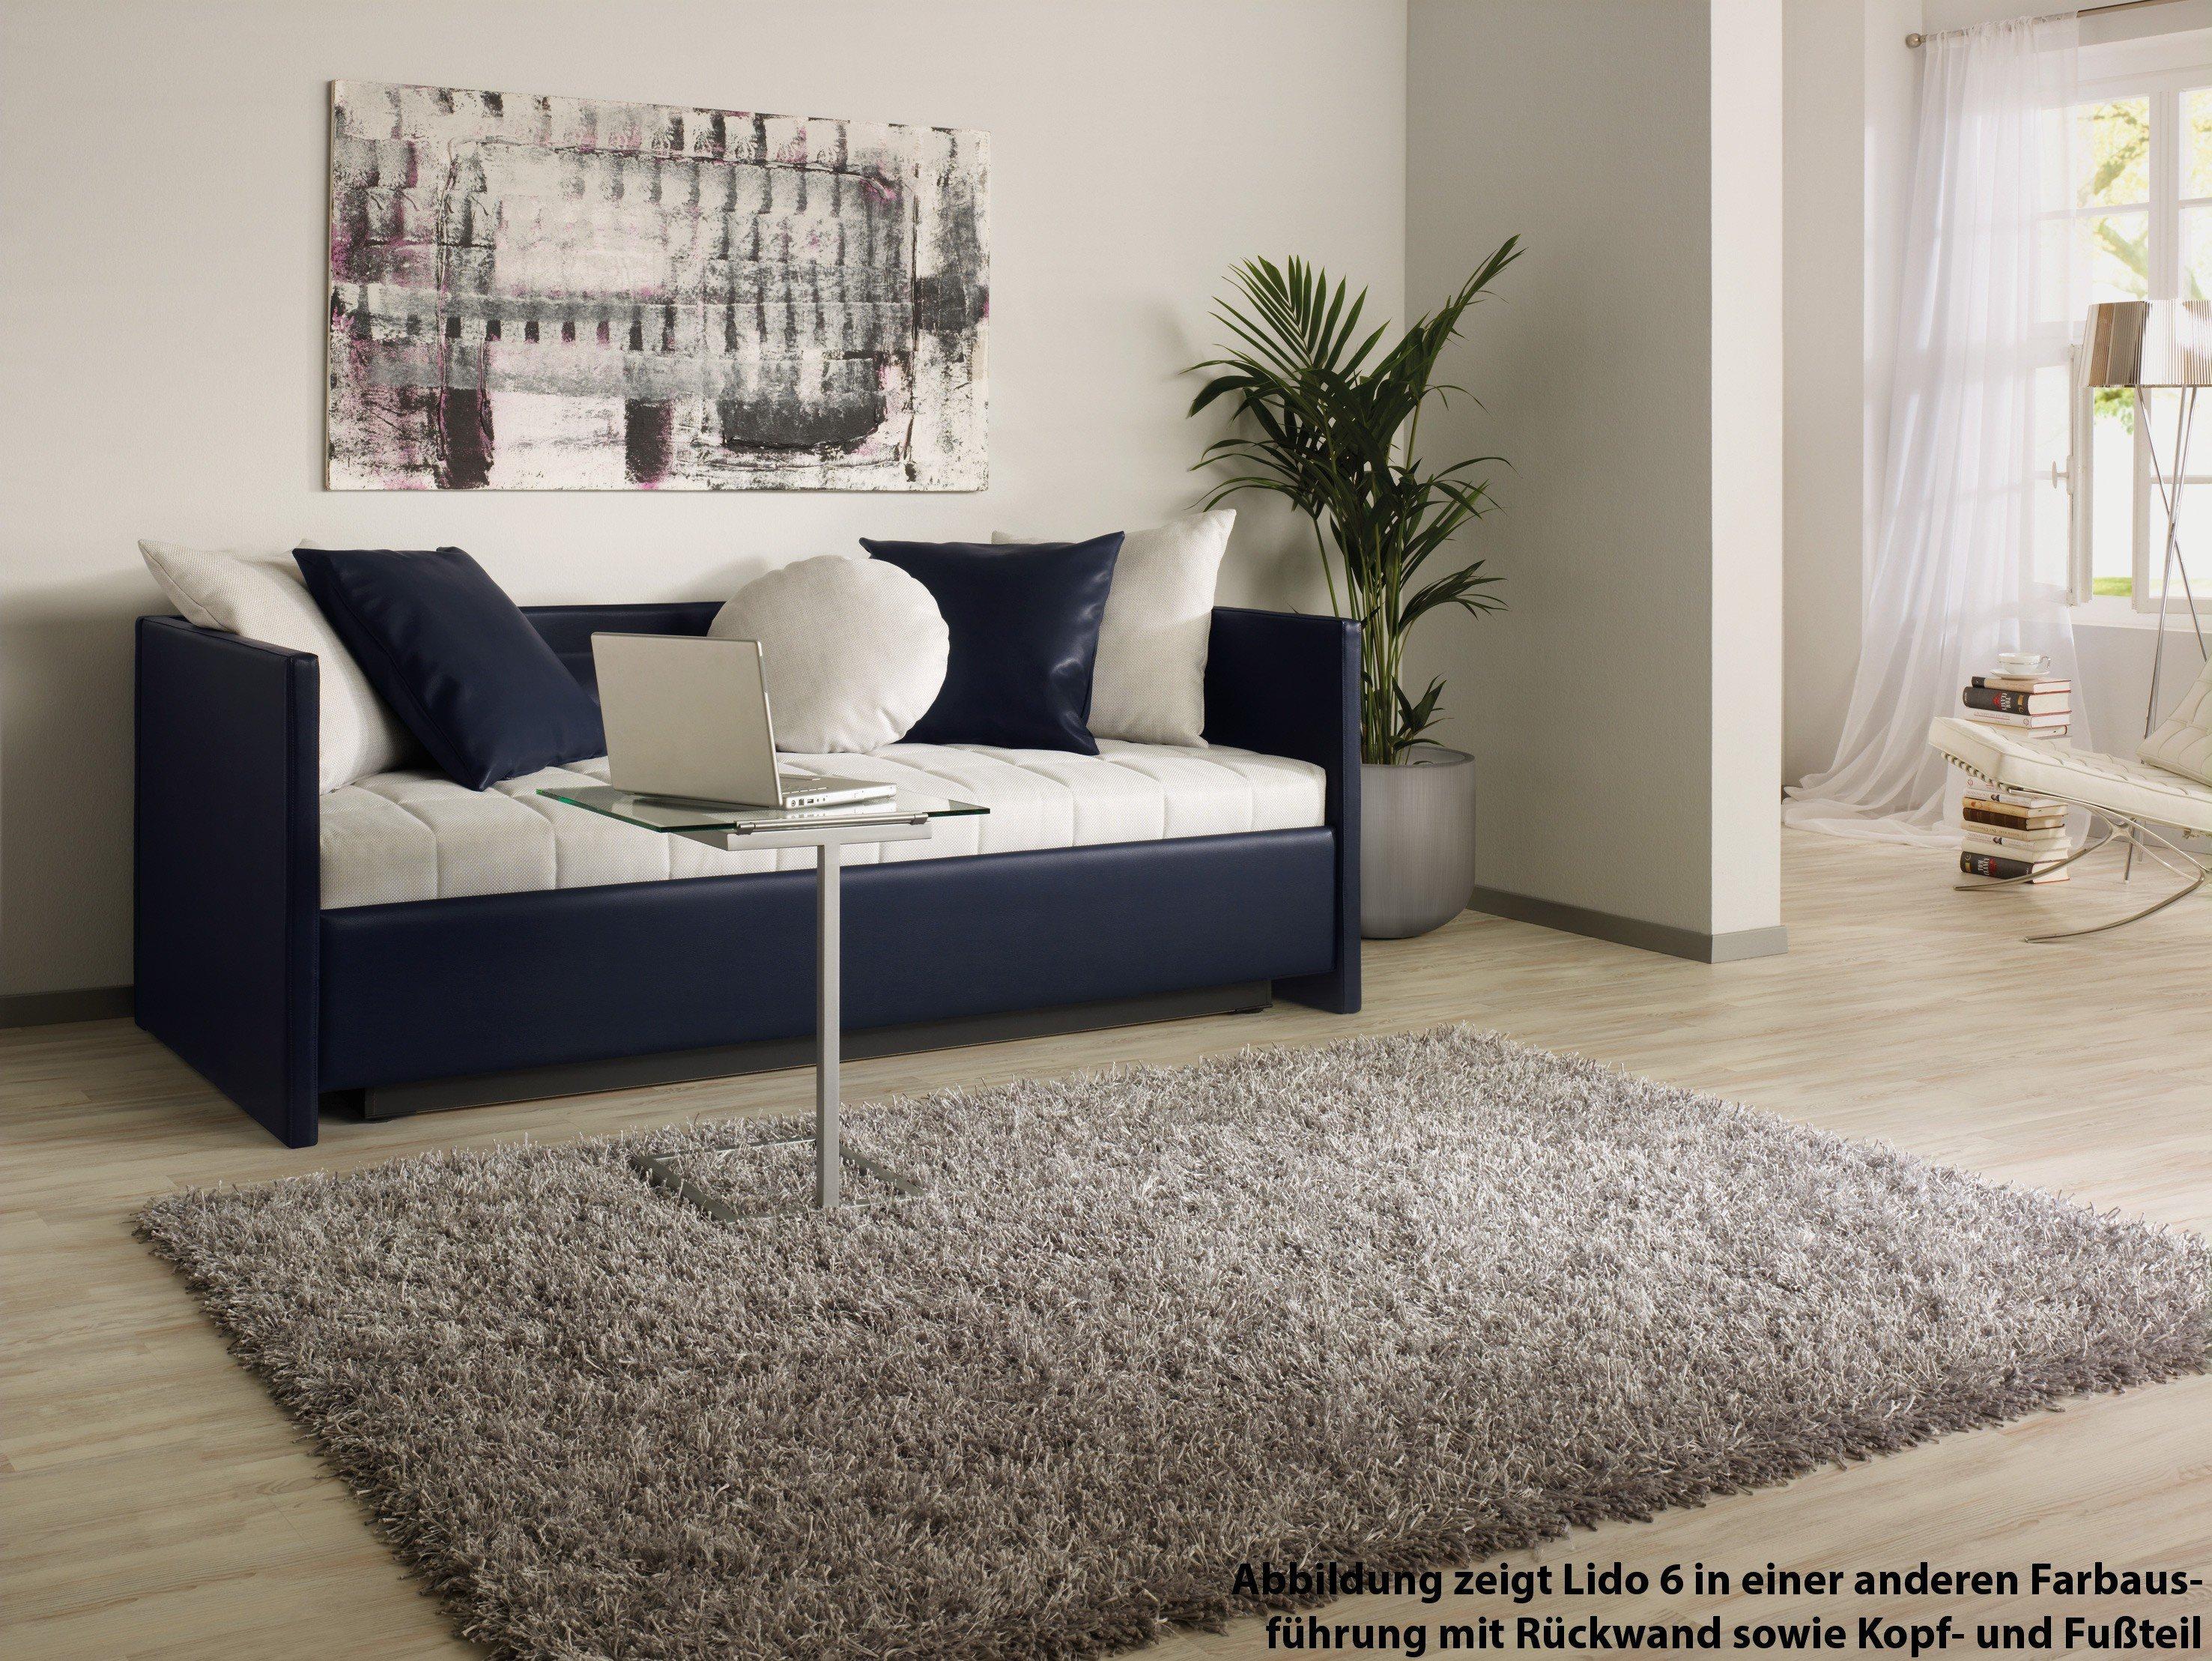 ruf polsterbett modell lido in beige mit r ckwand und kopfteil m bel letz ihr online shop. Black Bedroom Furniture Sets. Home Design Ideas